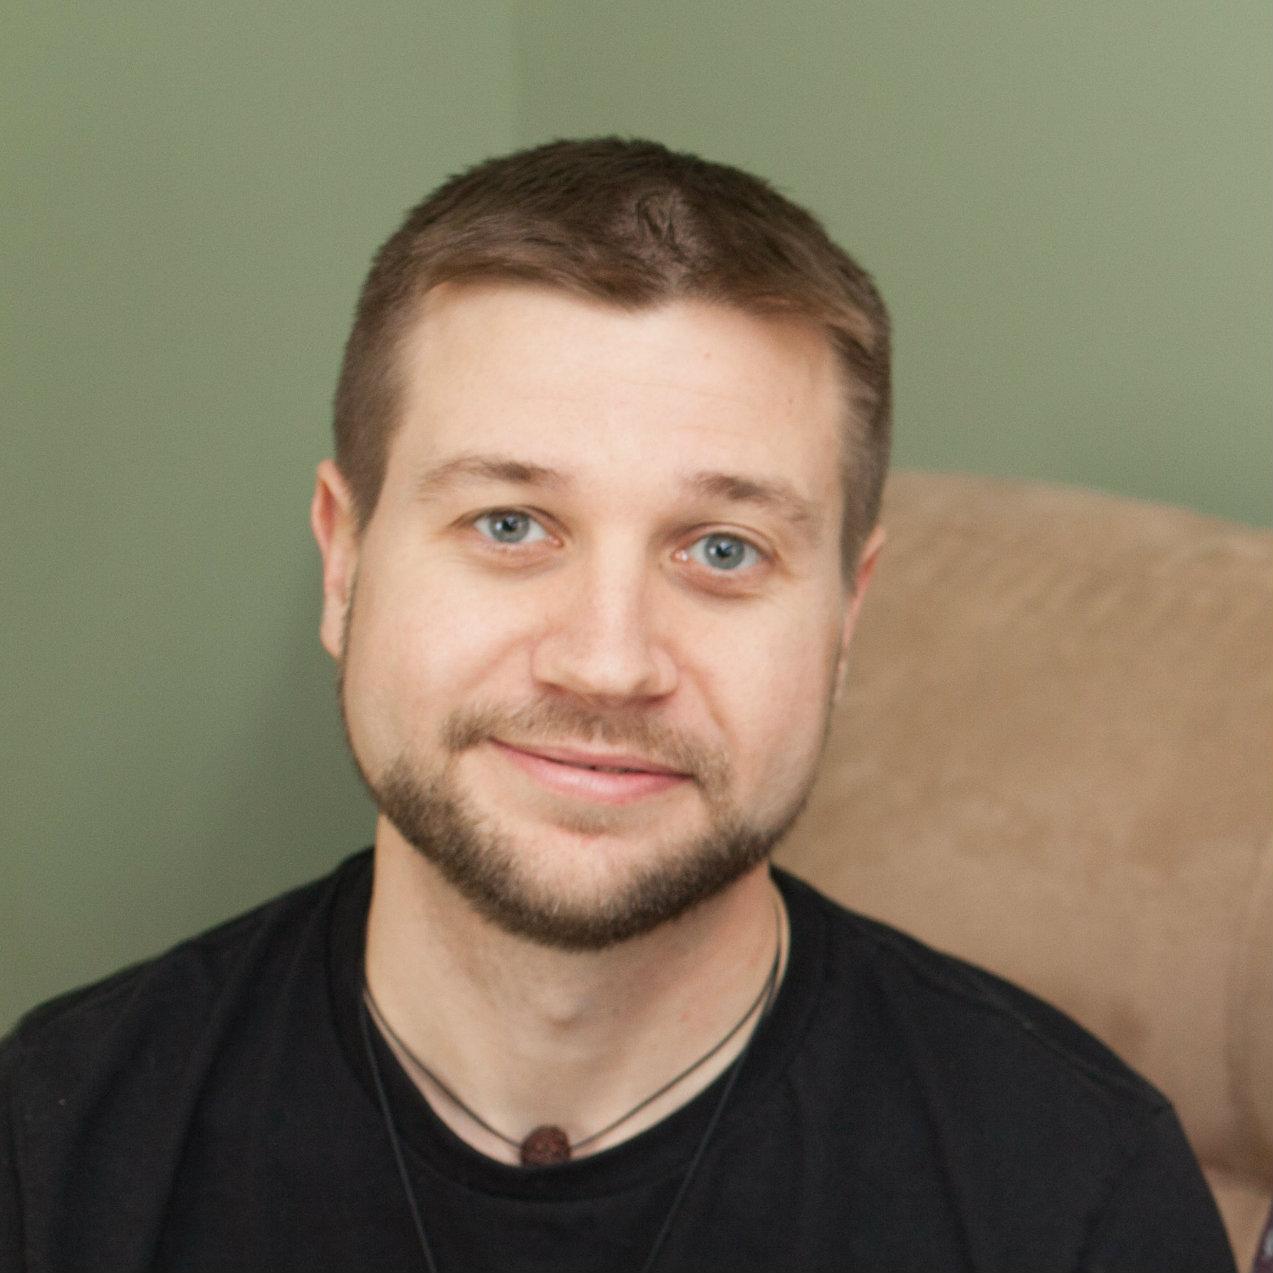 Jeff Nickell